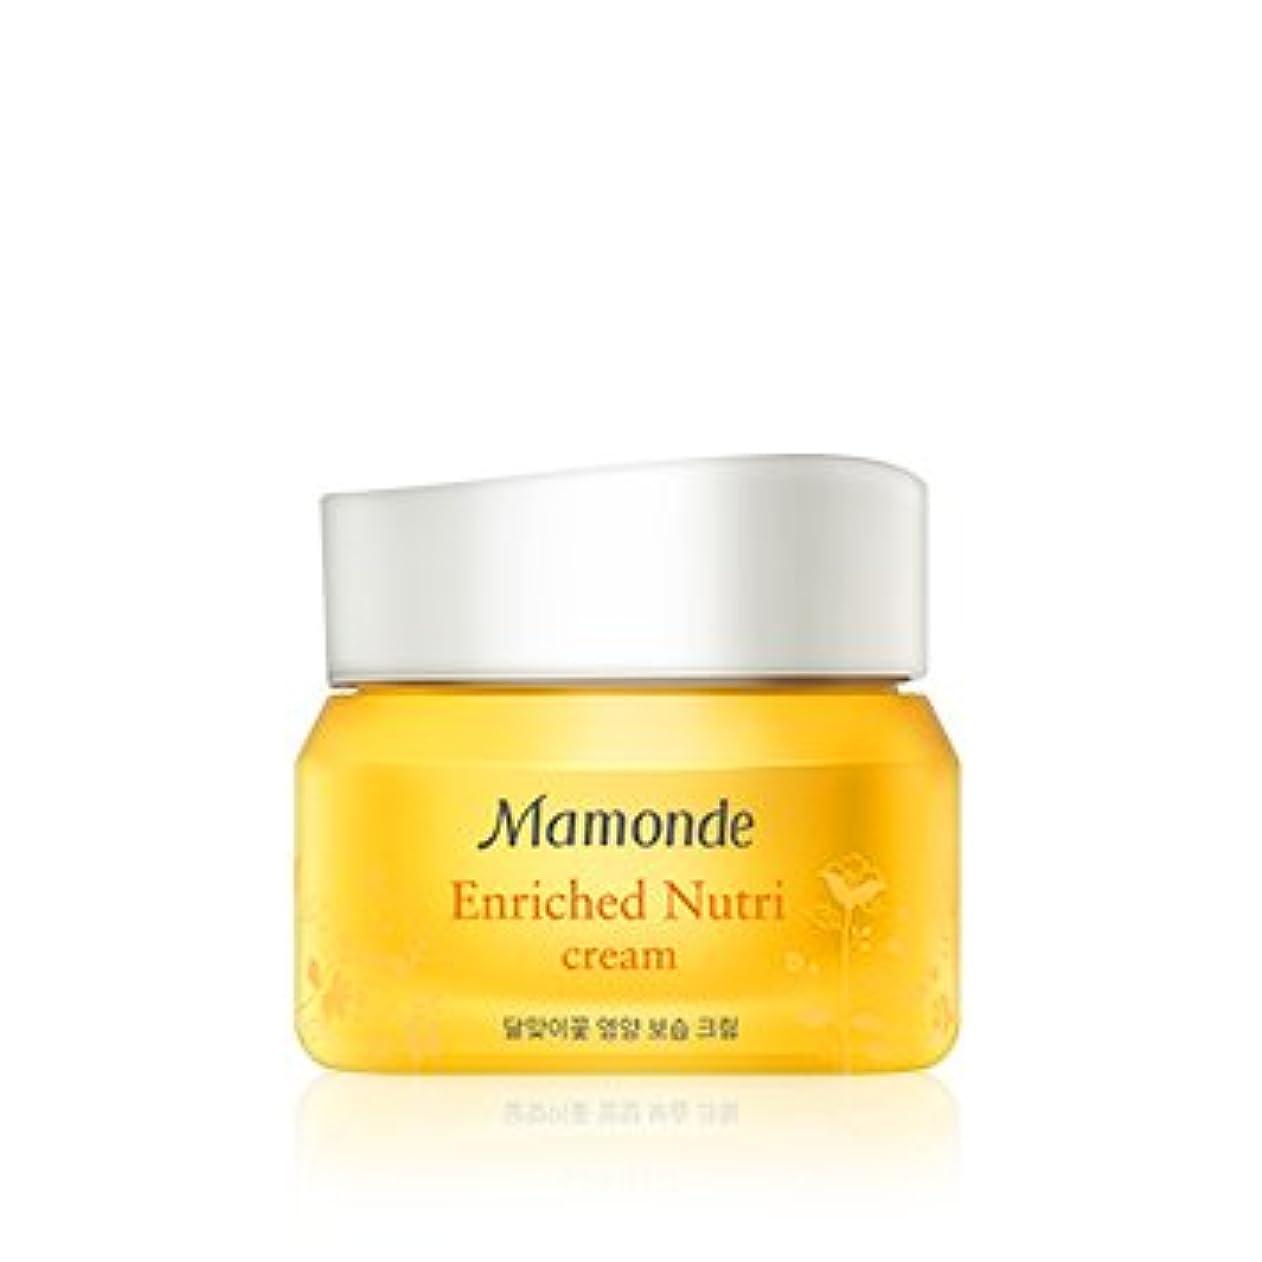 要求する葬儀天の[New] Mamonde Enriched Nutri Cream 50ml/マモンド エンリッチド ニュートリ クリーム 50ml [並行輸入品]